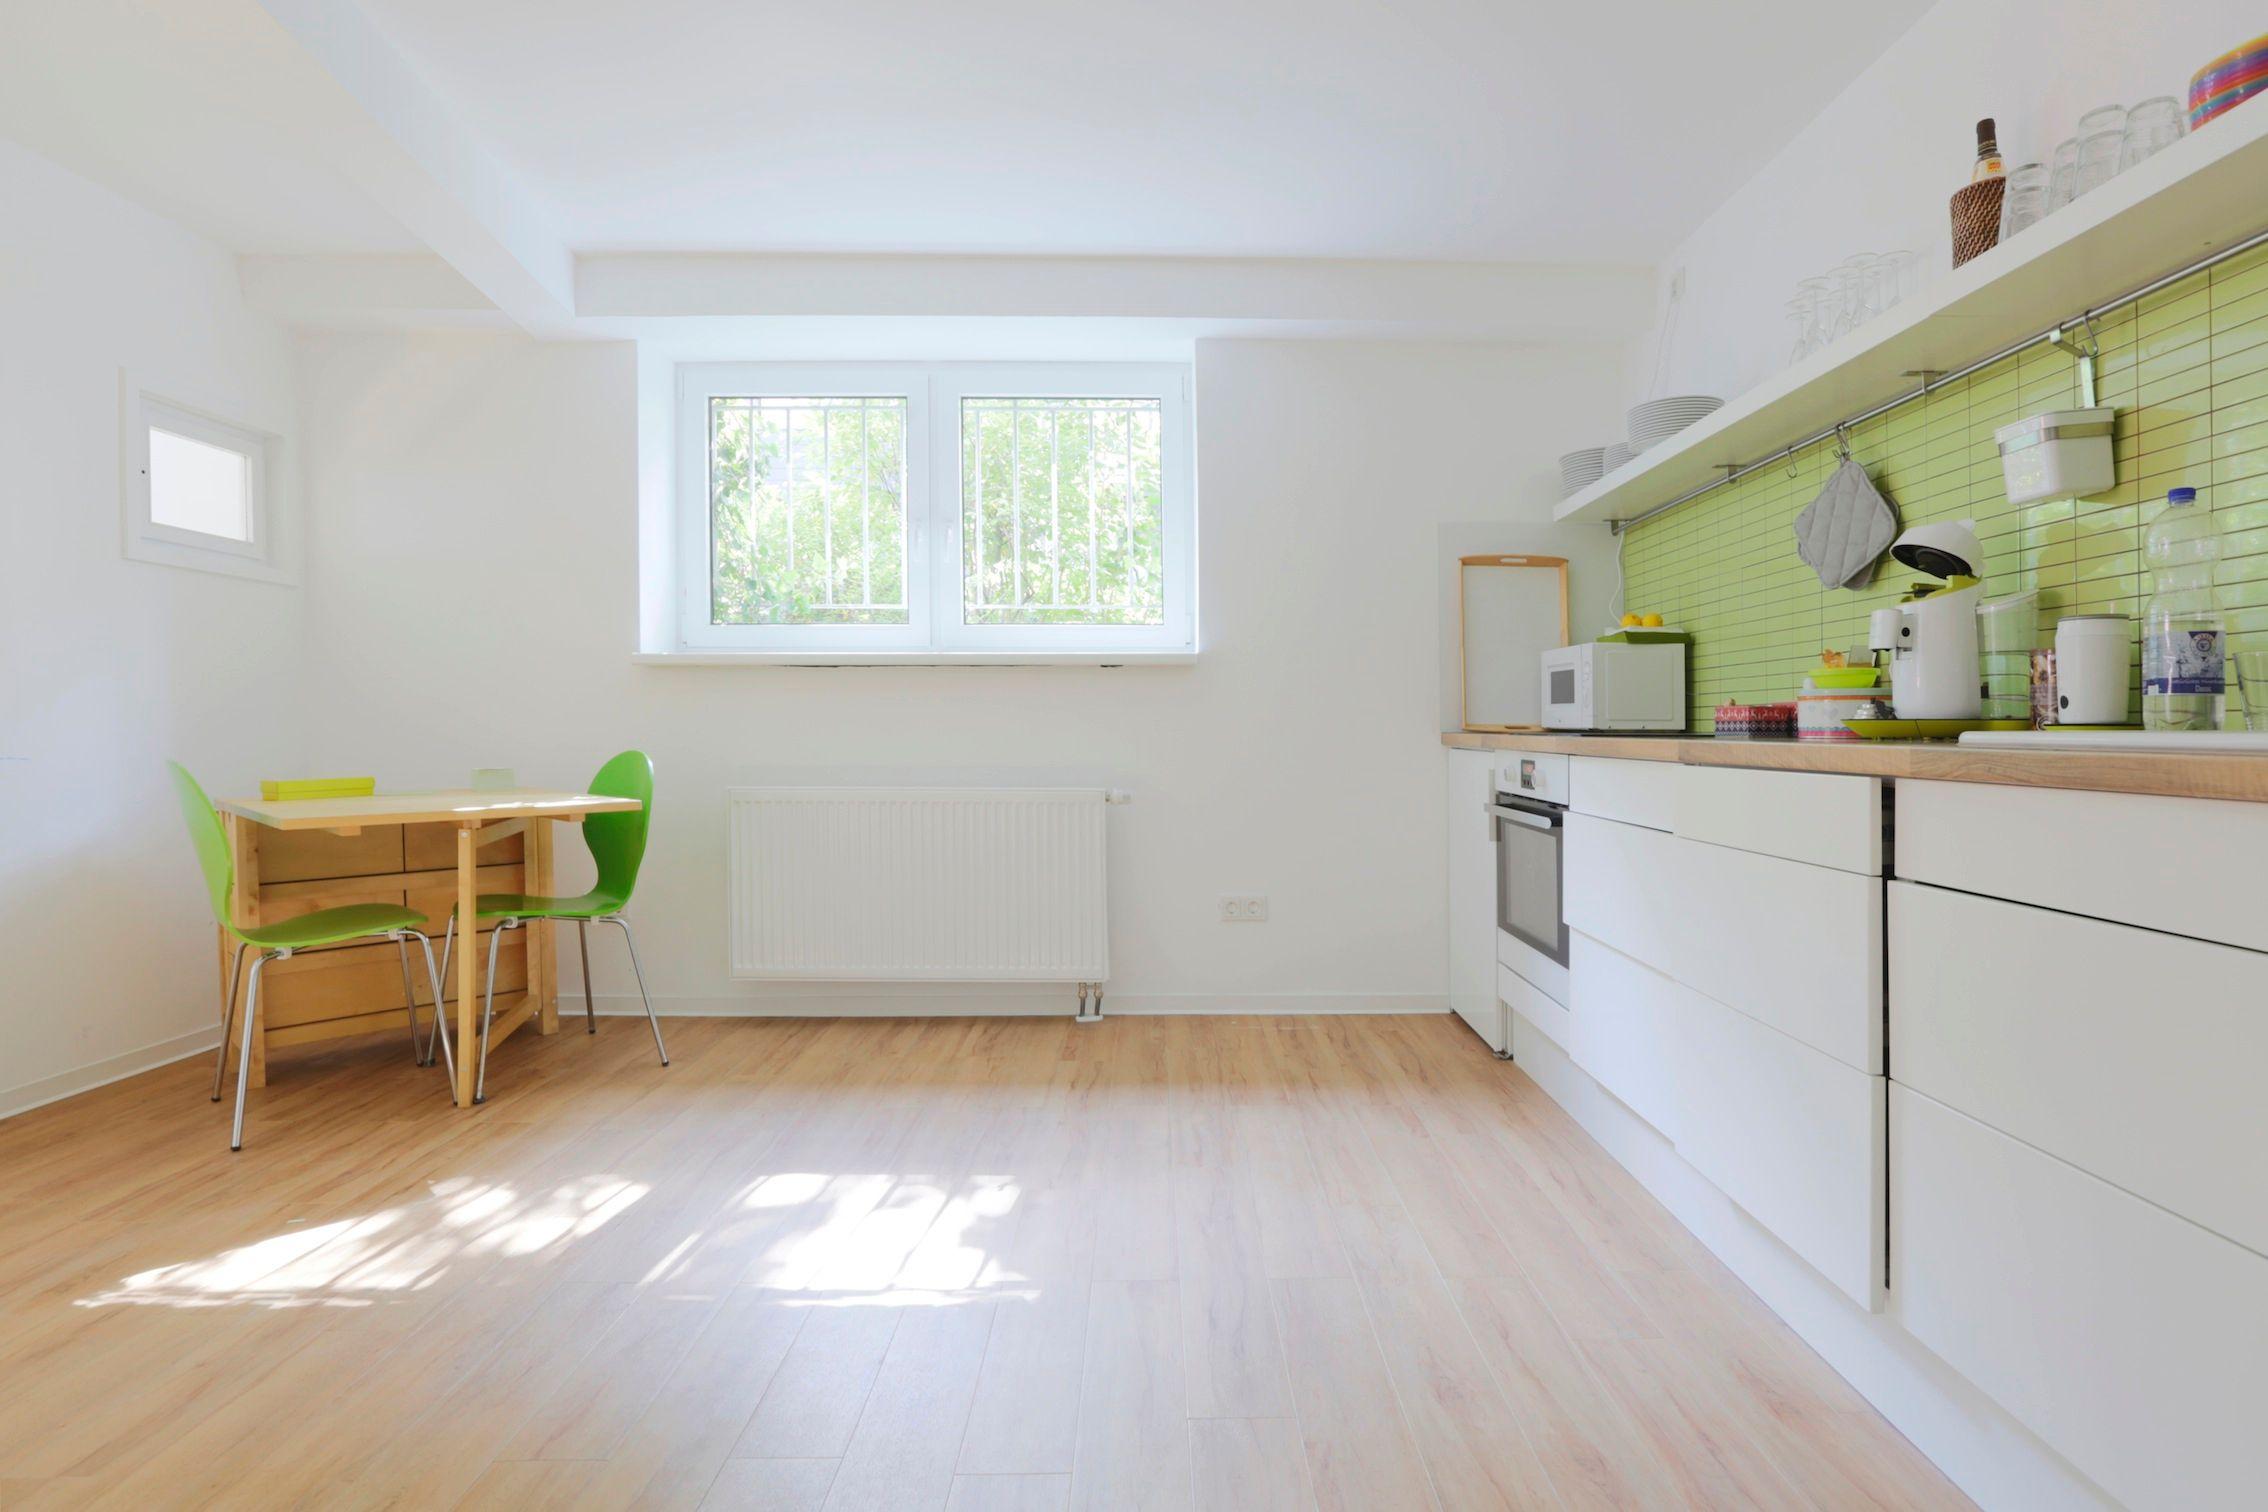 kleiner raum küche 2 | steffs rappelkiste - Küche Kleiner Raum